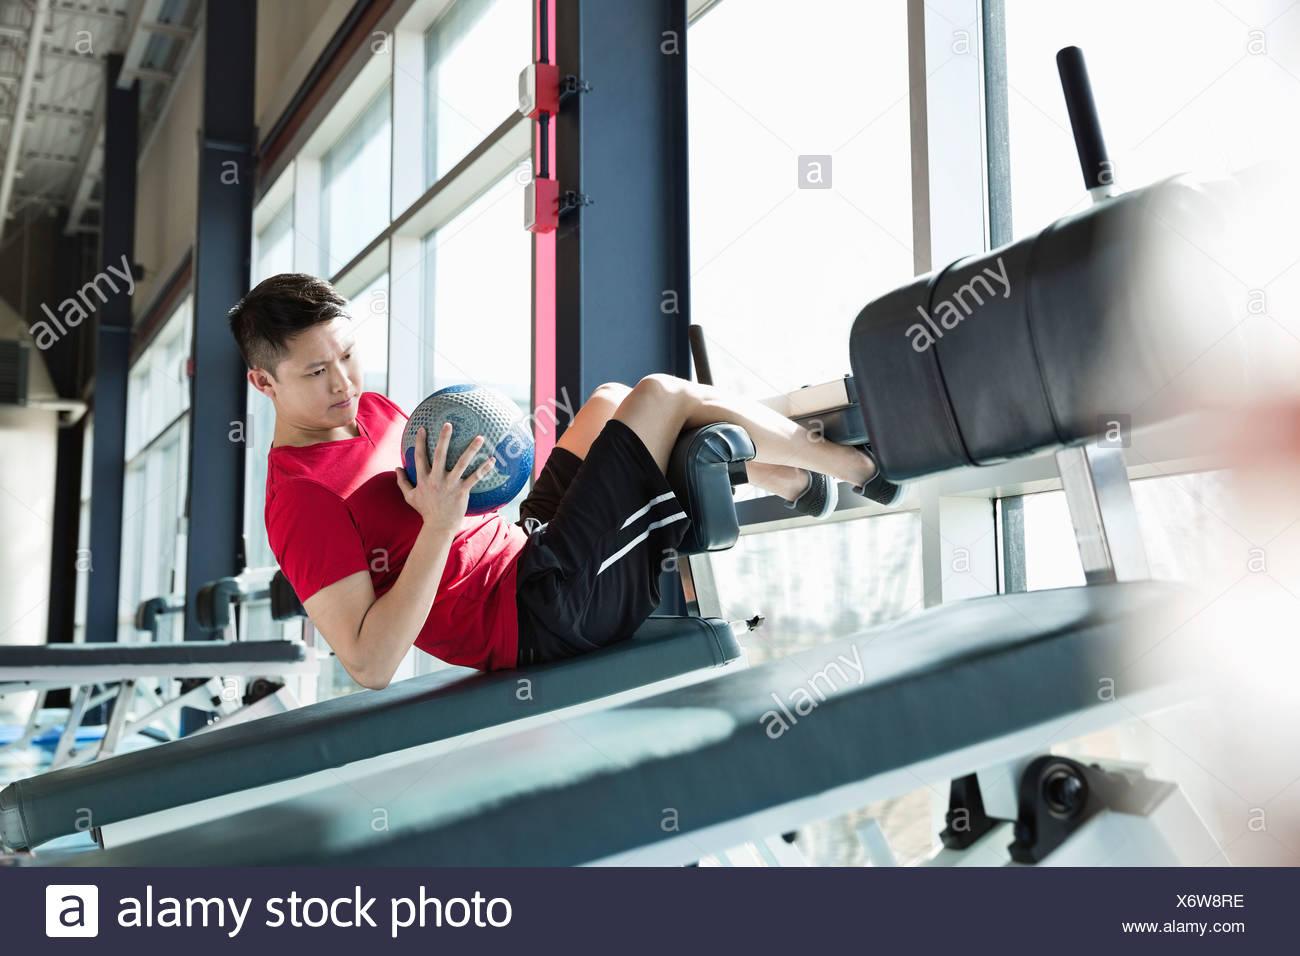 El hombre ejerciendo con balón medicinal en el gimnasio Imagen De Stock